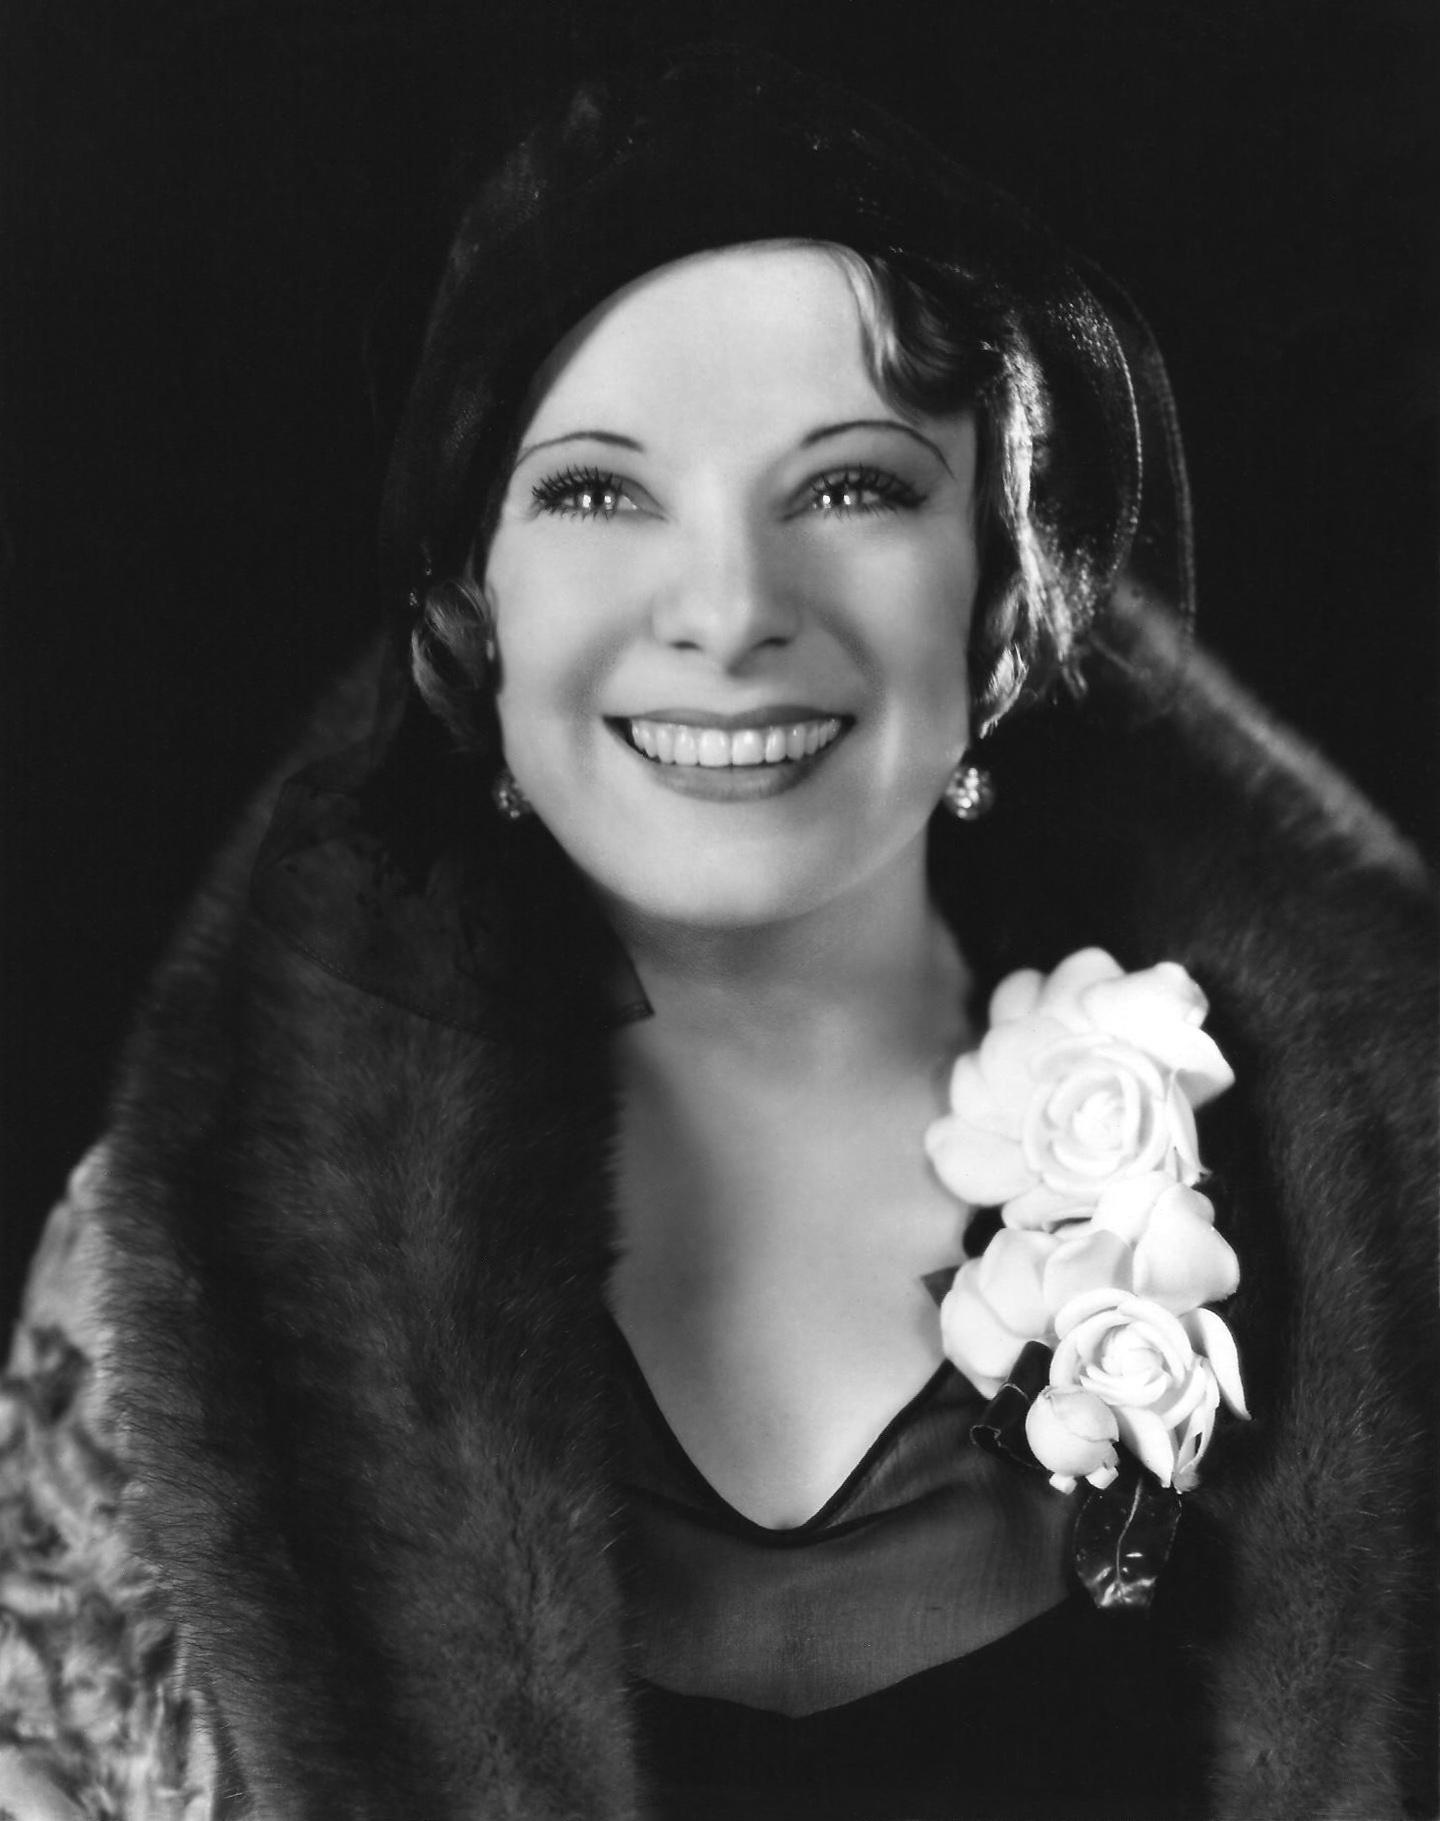 Marjorie Beebe